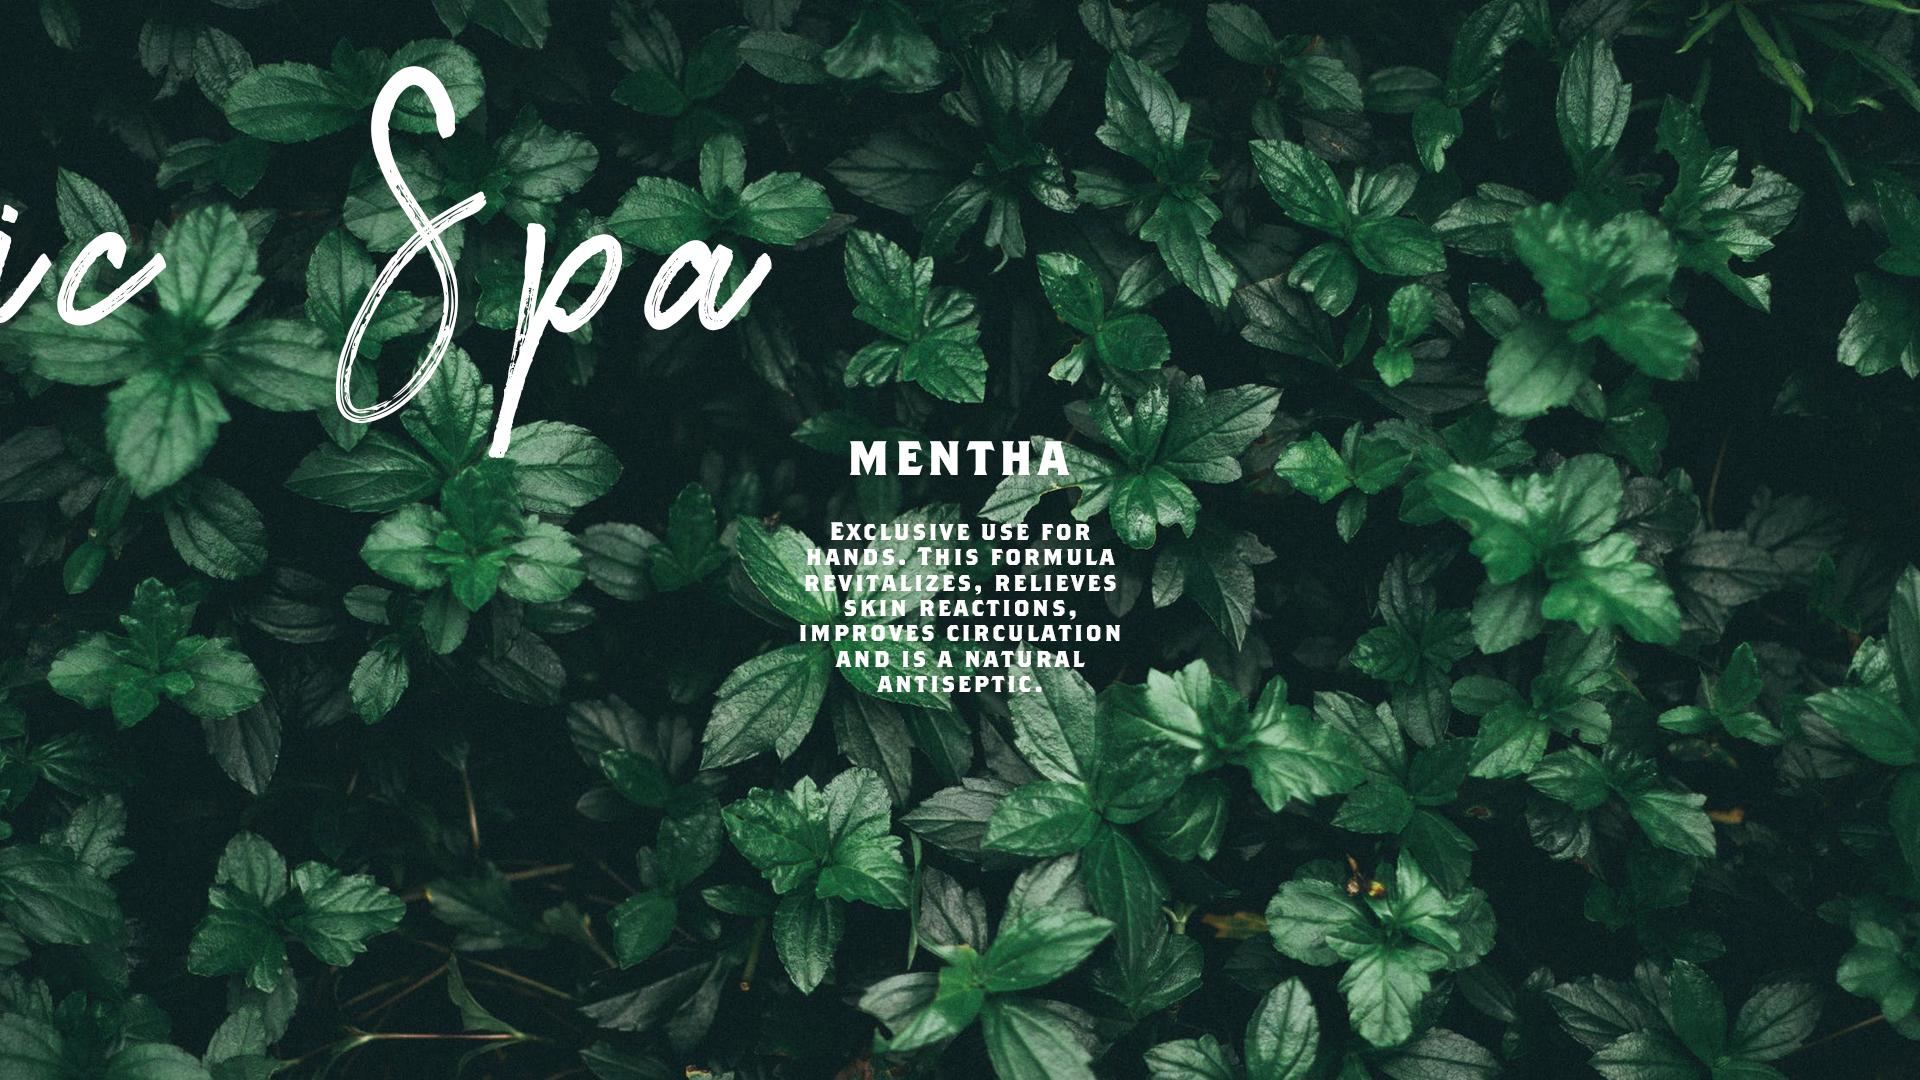 mentha-leaves-spa-packaging-yoenpaperland